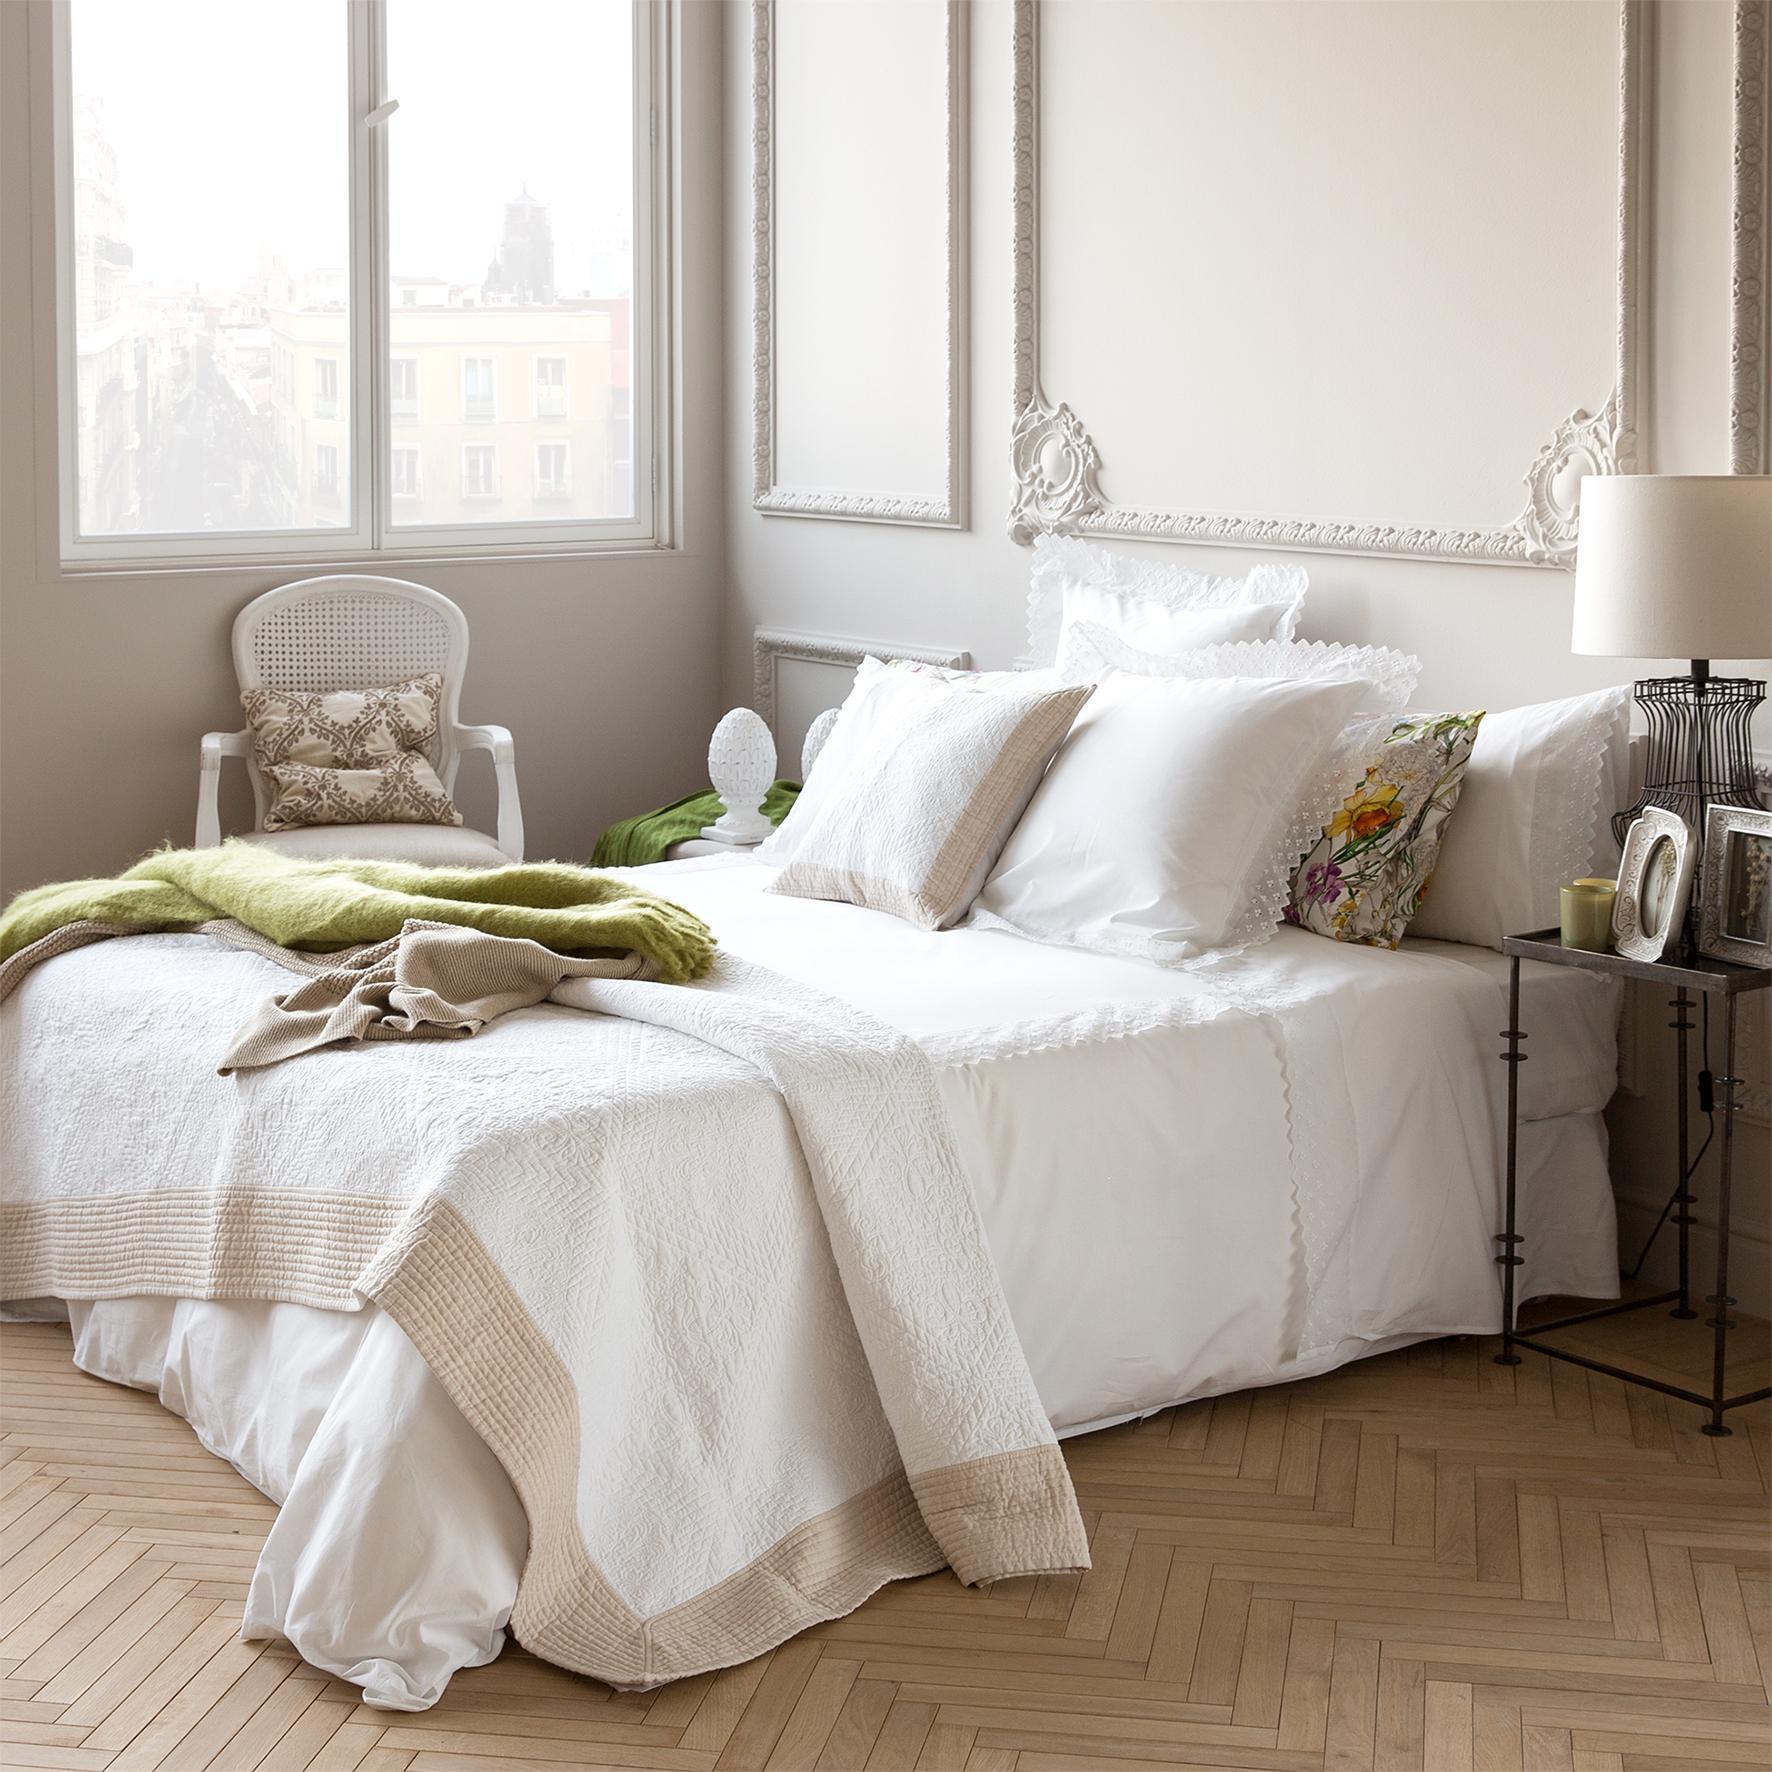 Tagesdecke bilder ideen couchstyle for Beistelltisch zara